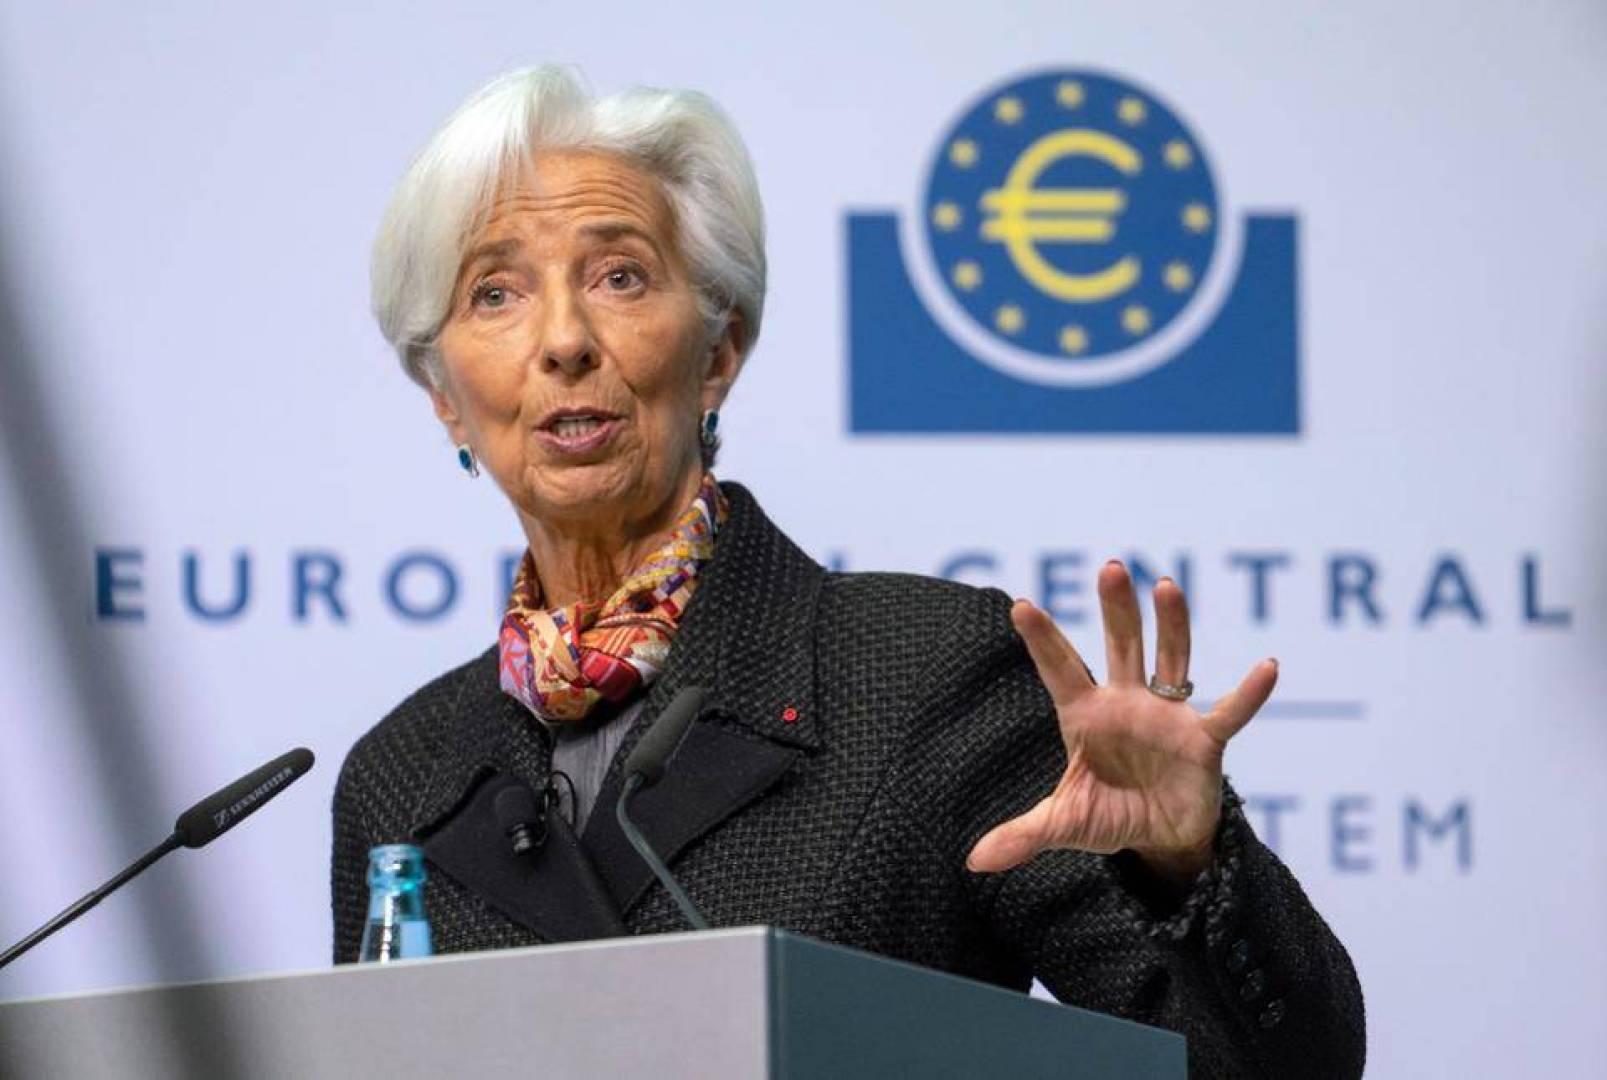 لاجارد تبلغ قادة الاتحاد الأوروبي بأن الاقتصاد يشهد تراجعاً هائلاً